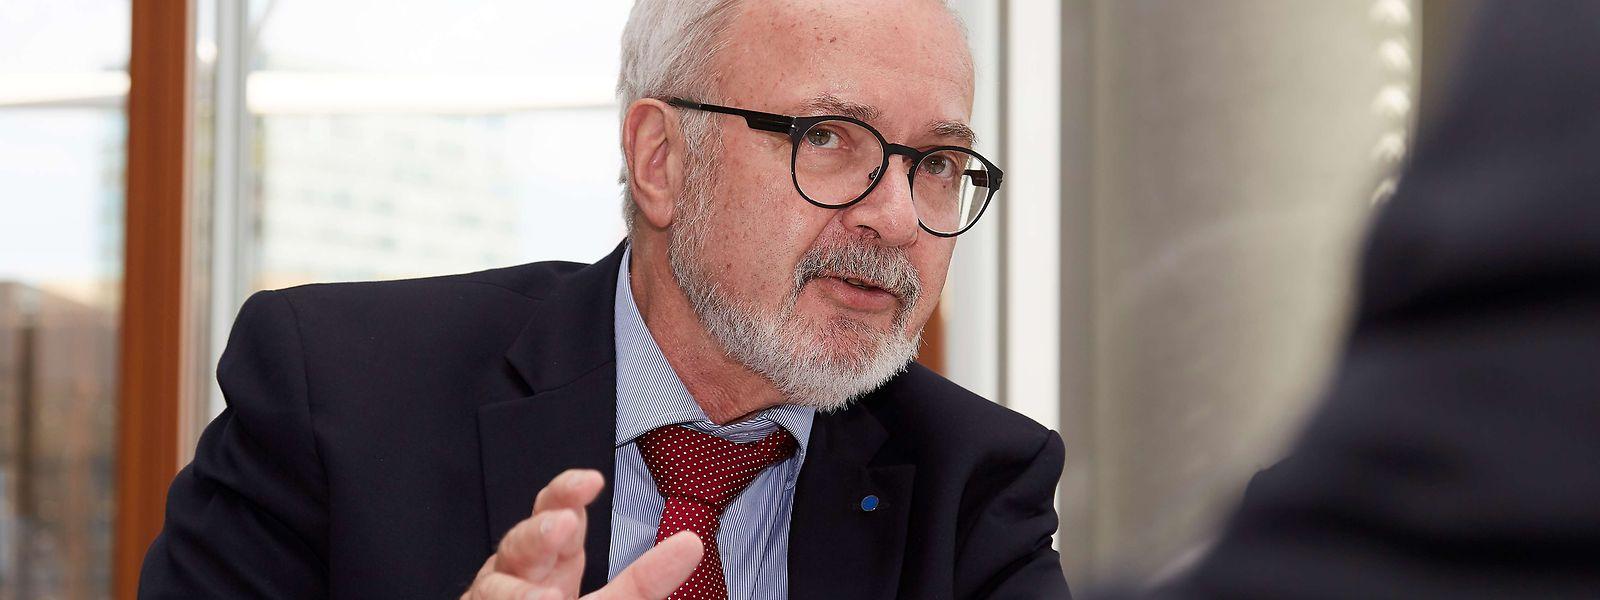 Werner Hoyer, président de la BEI: «Nous avons besoin d'une réponse européenne forte et immédiate».